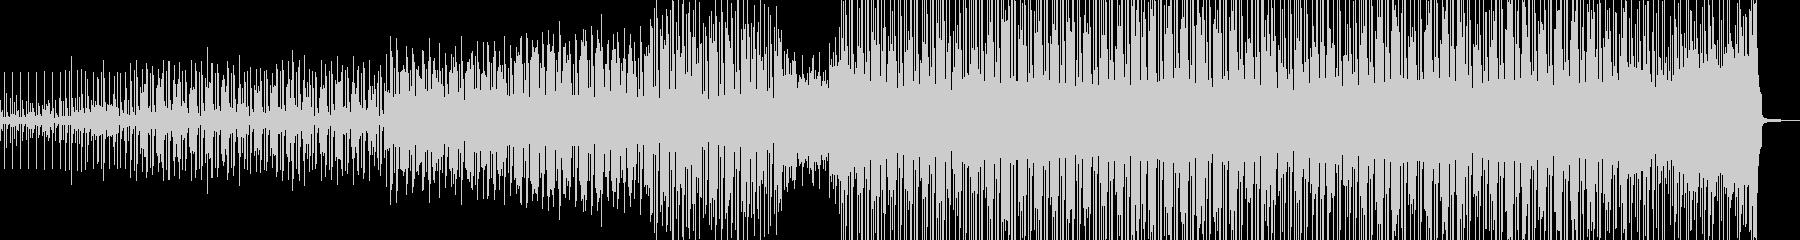 長閑→軽快・徐々にポップスへ展開 Bの未再生の波形